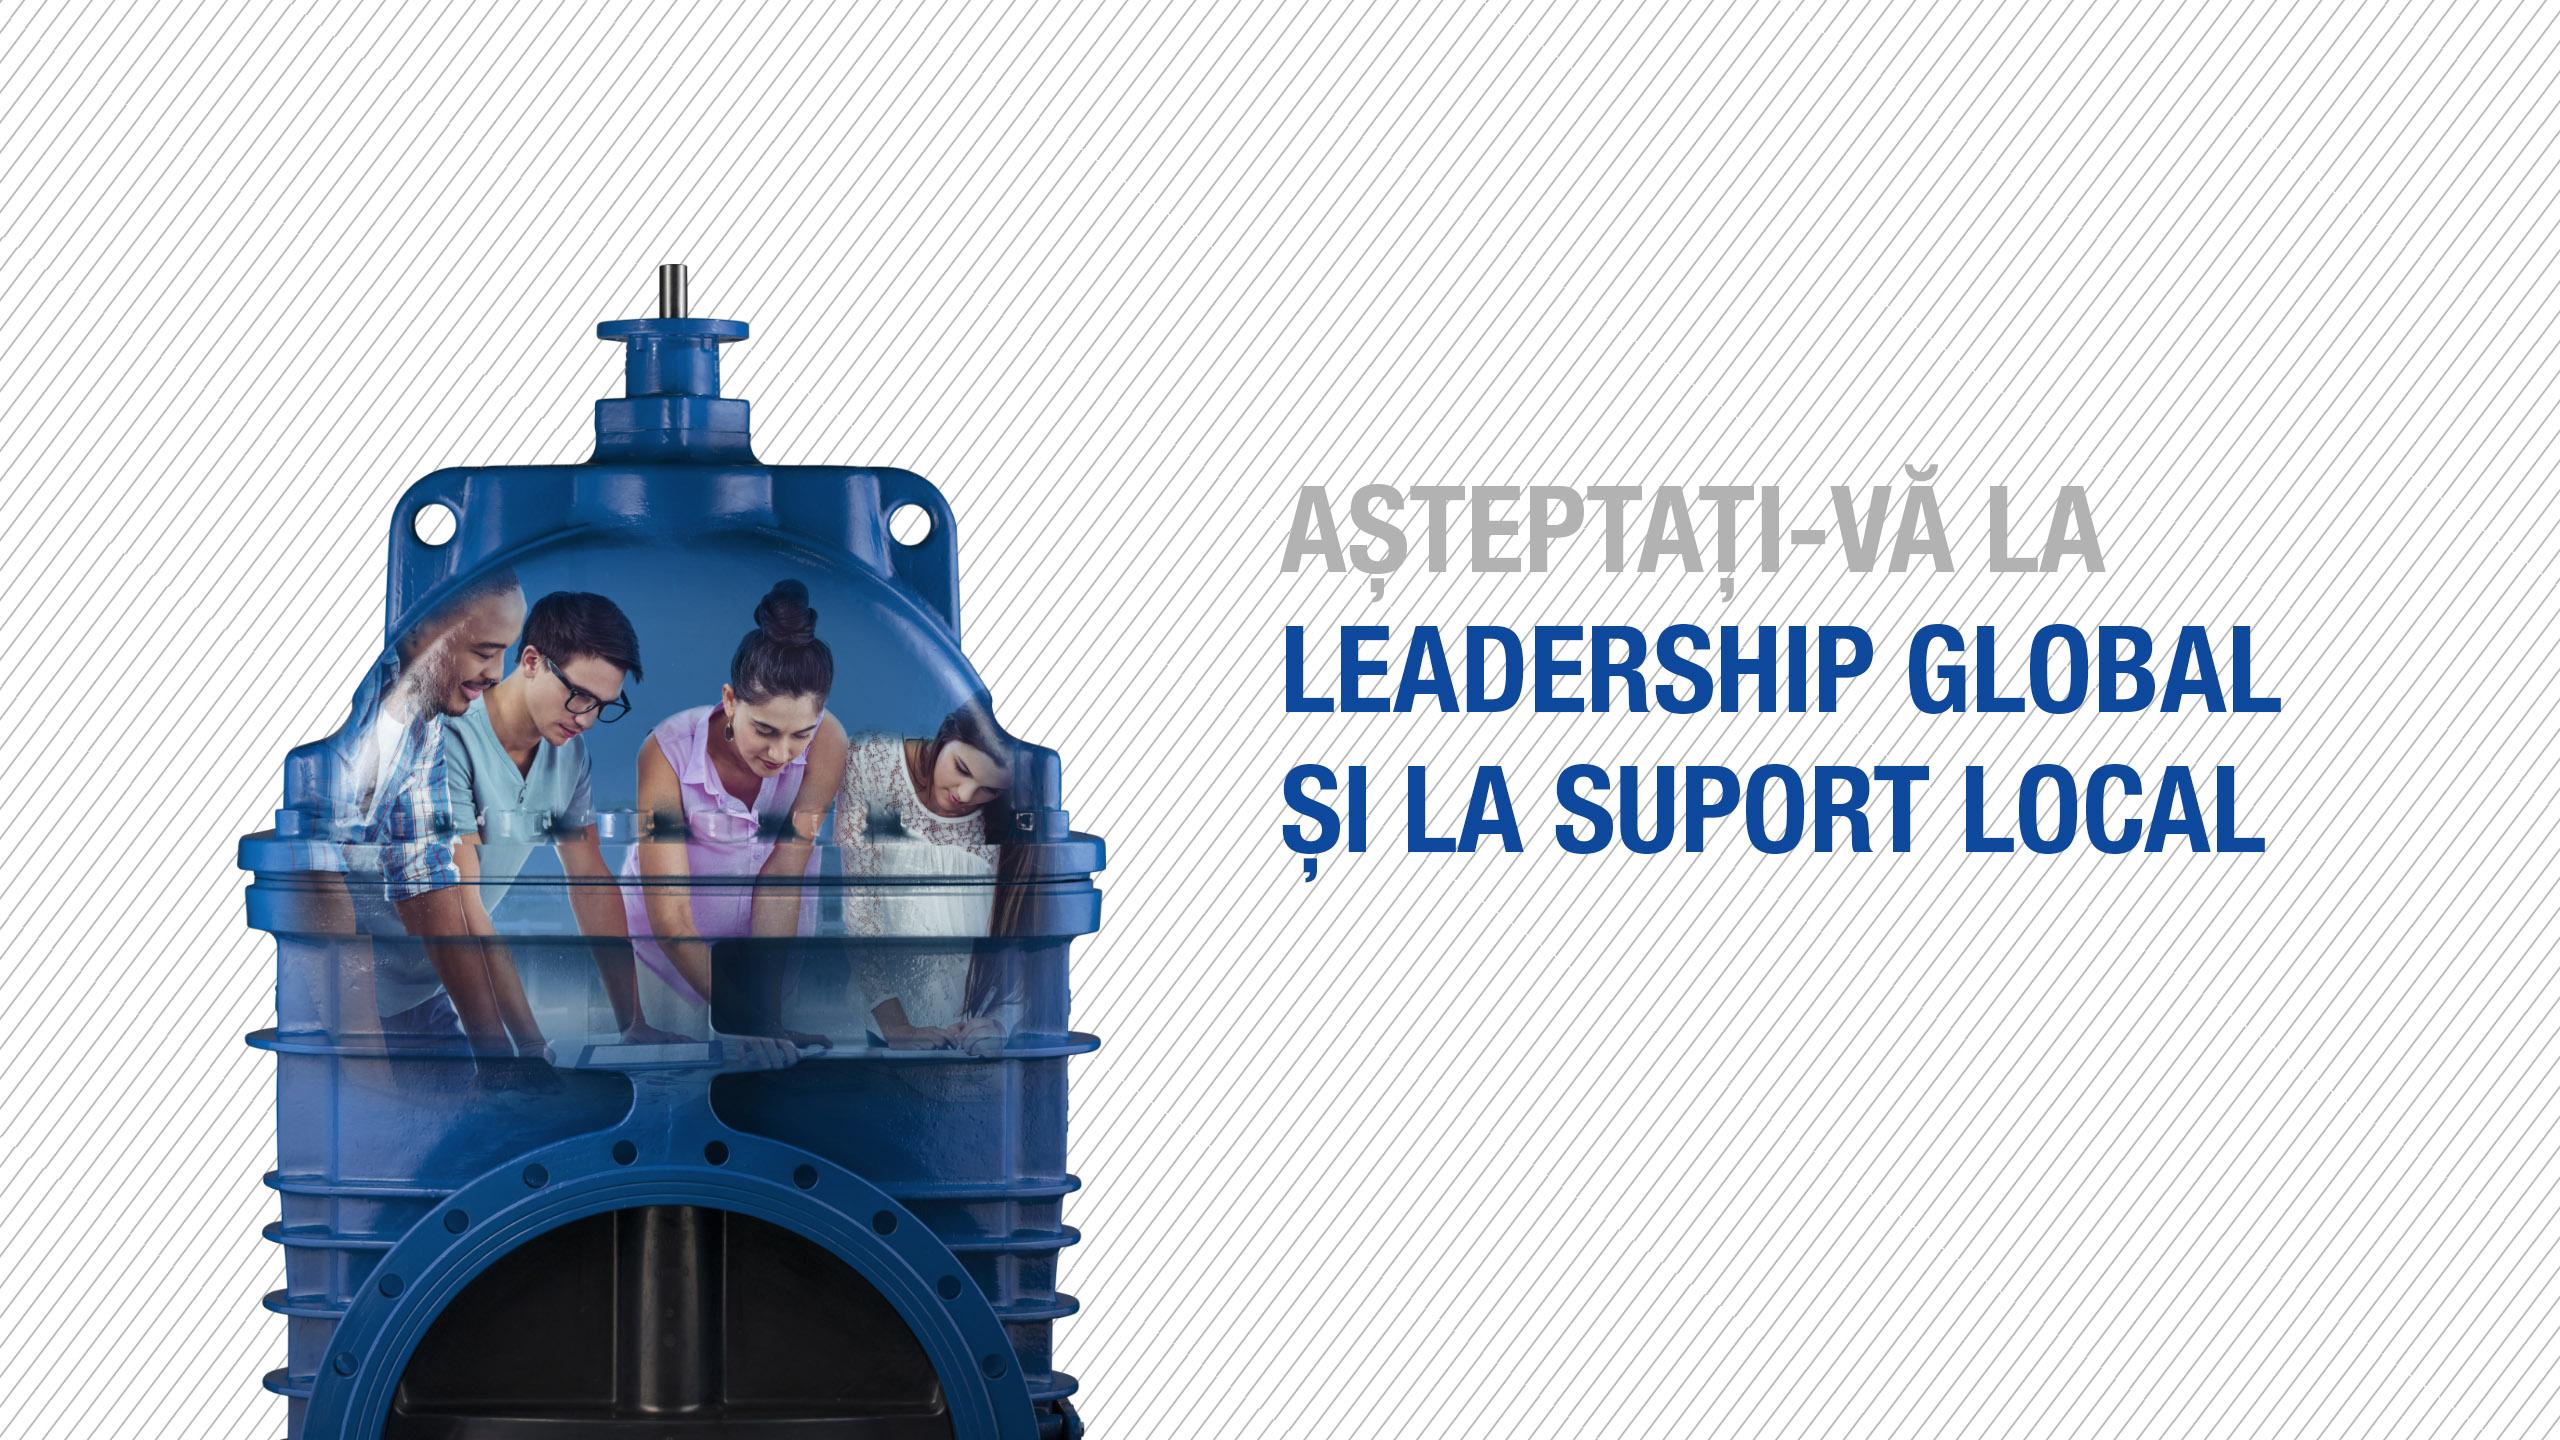 Așteptați-vă la leadership global și la suport local